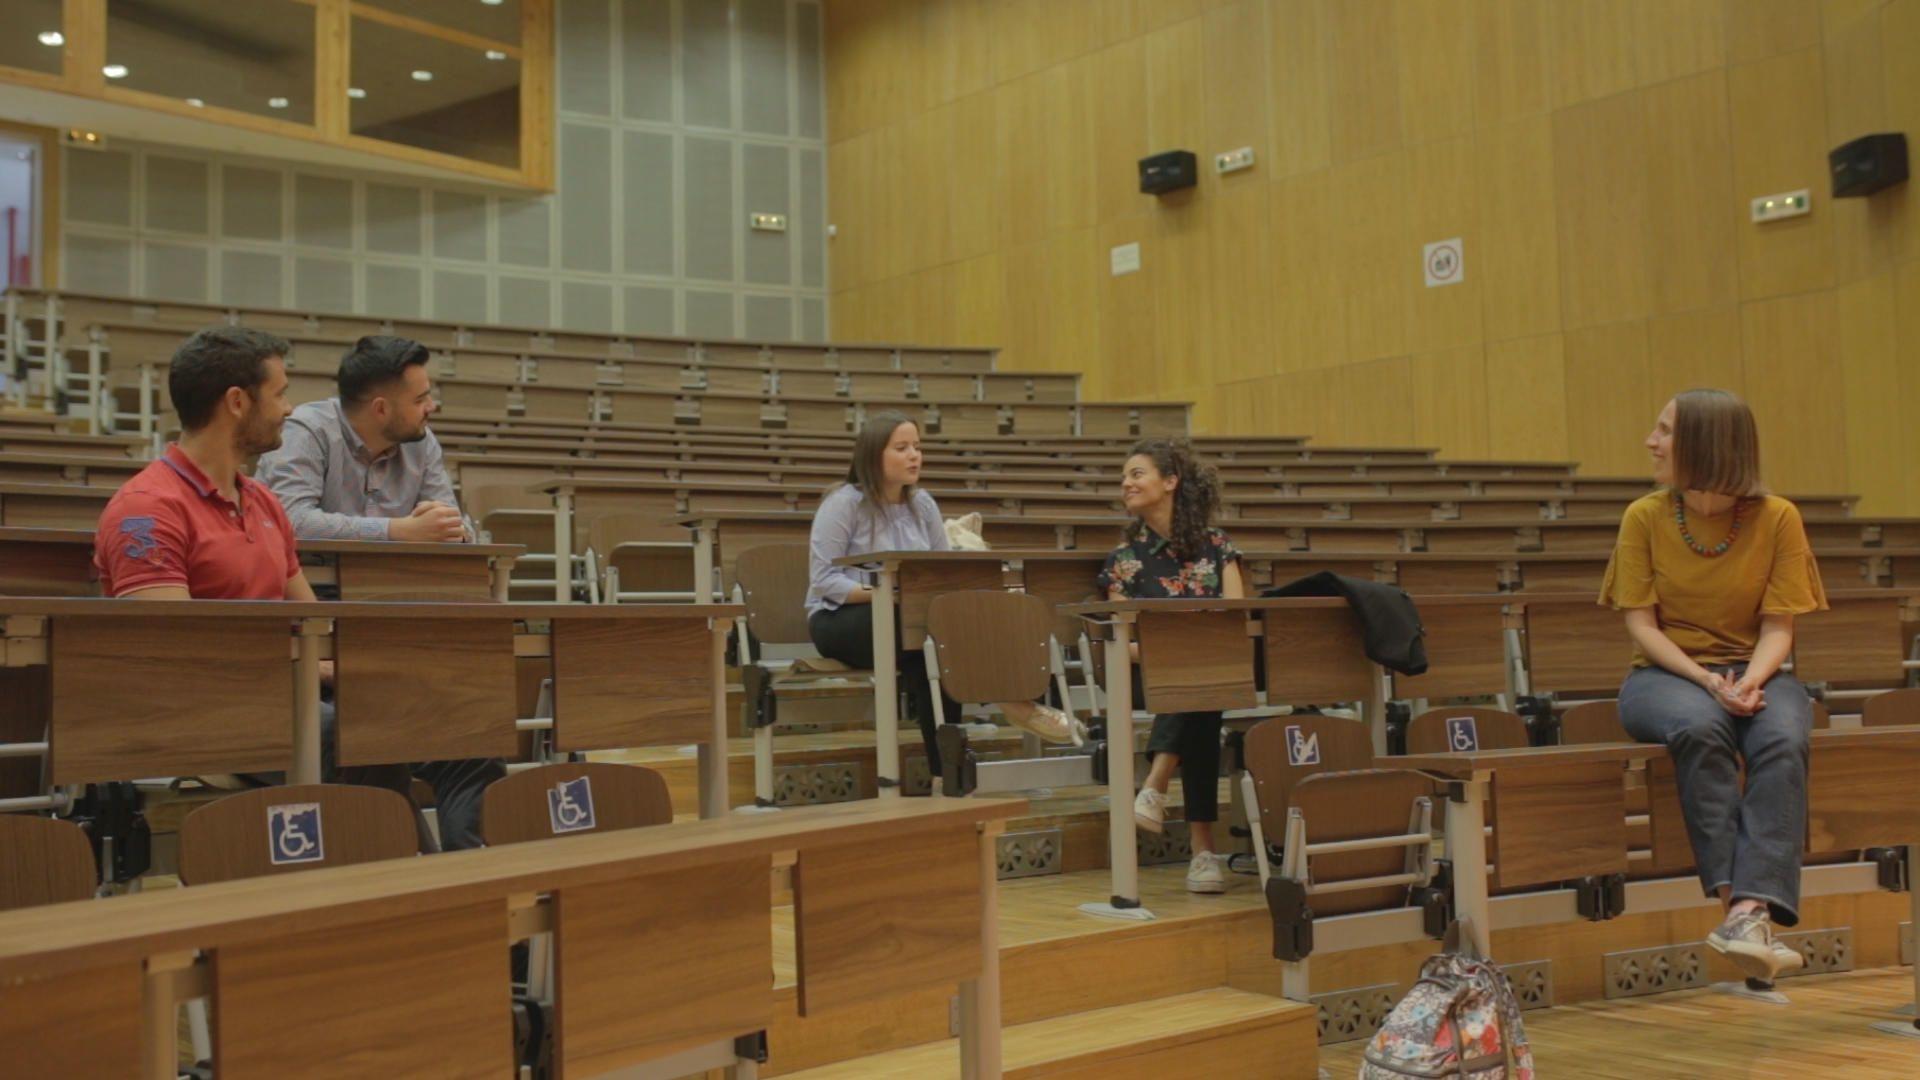 Τέσσερις τελειόφοιτοι της Ιατρικής Σχολής Αθηνών μας εξηγούν για την επιλογή τους να γίνουν γιατροί, τις σκέψεις τους για το μέλλον τους ως επαγγελματίες υγείας στην Ελλάδα αλλά και για την εξουθένωση που ήδη αισθάνονται από τα πρώτα τους φοιτητικά χρόνια.